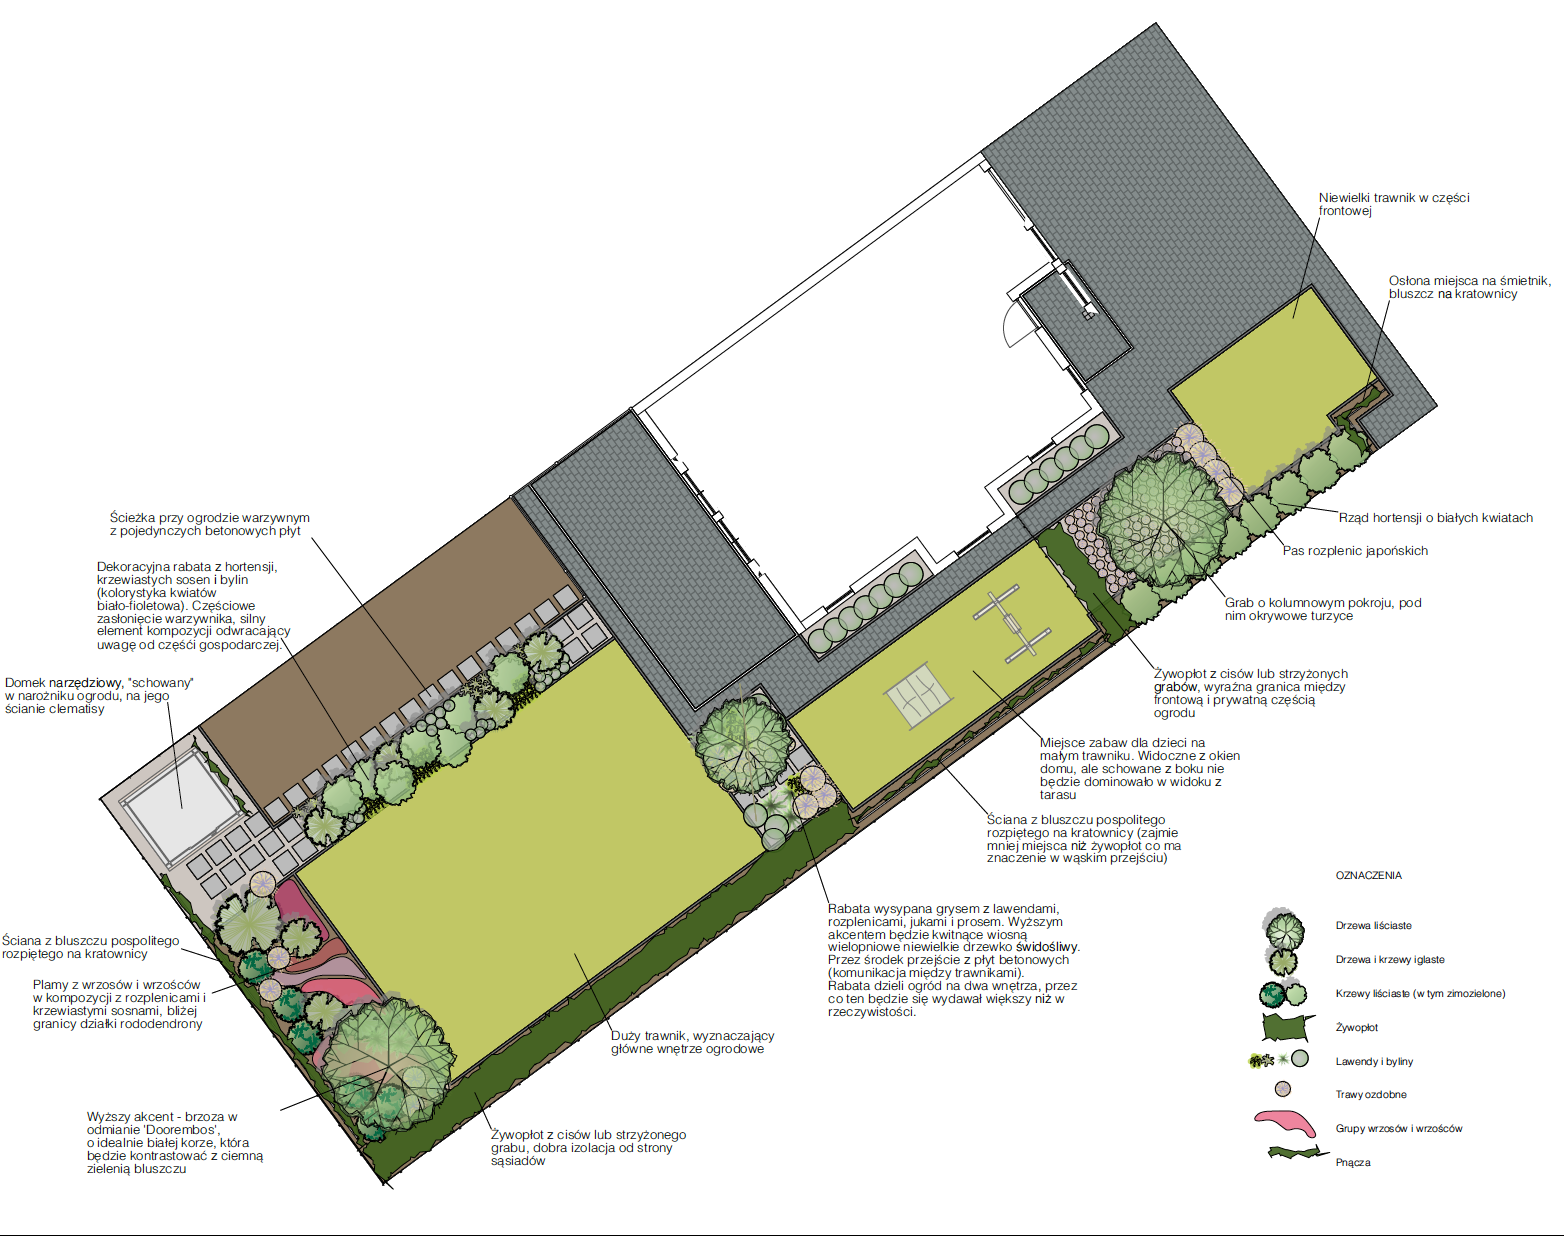 Rzut z góry ogrodu projekt ogrodu plansza